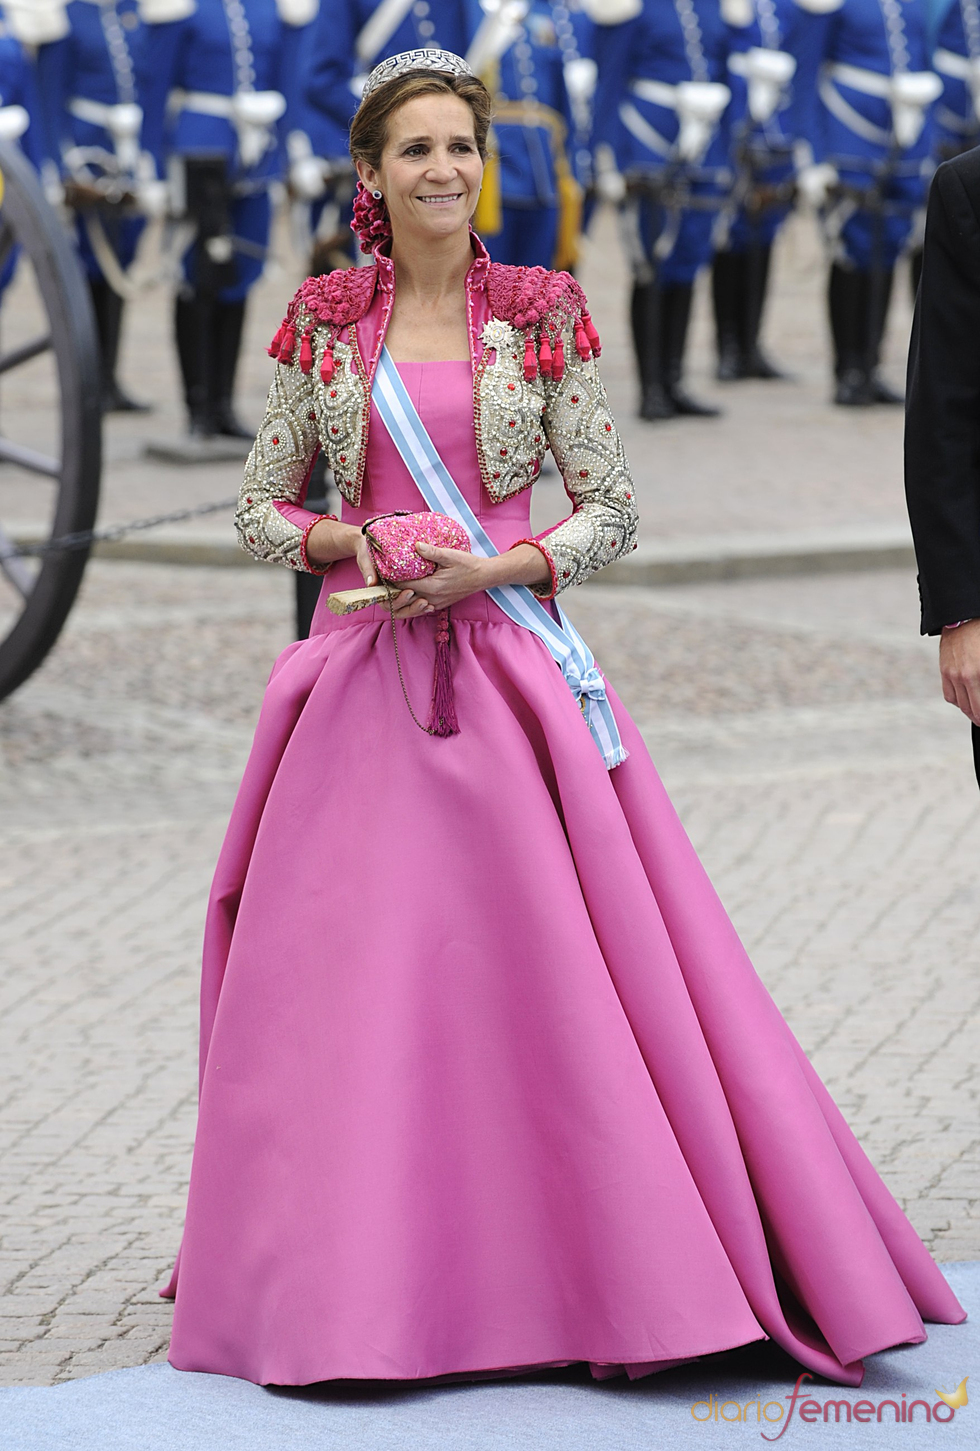 Casas y Familias Reales: Suecia - Boda de Victoria y Daniel